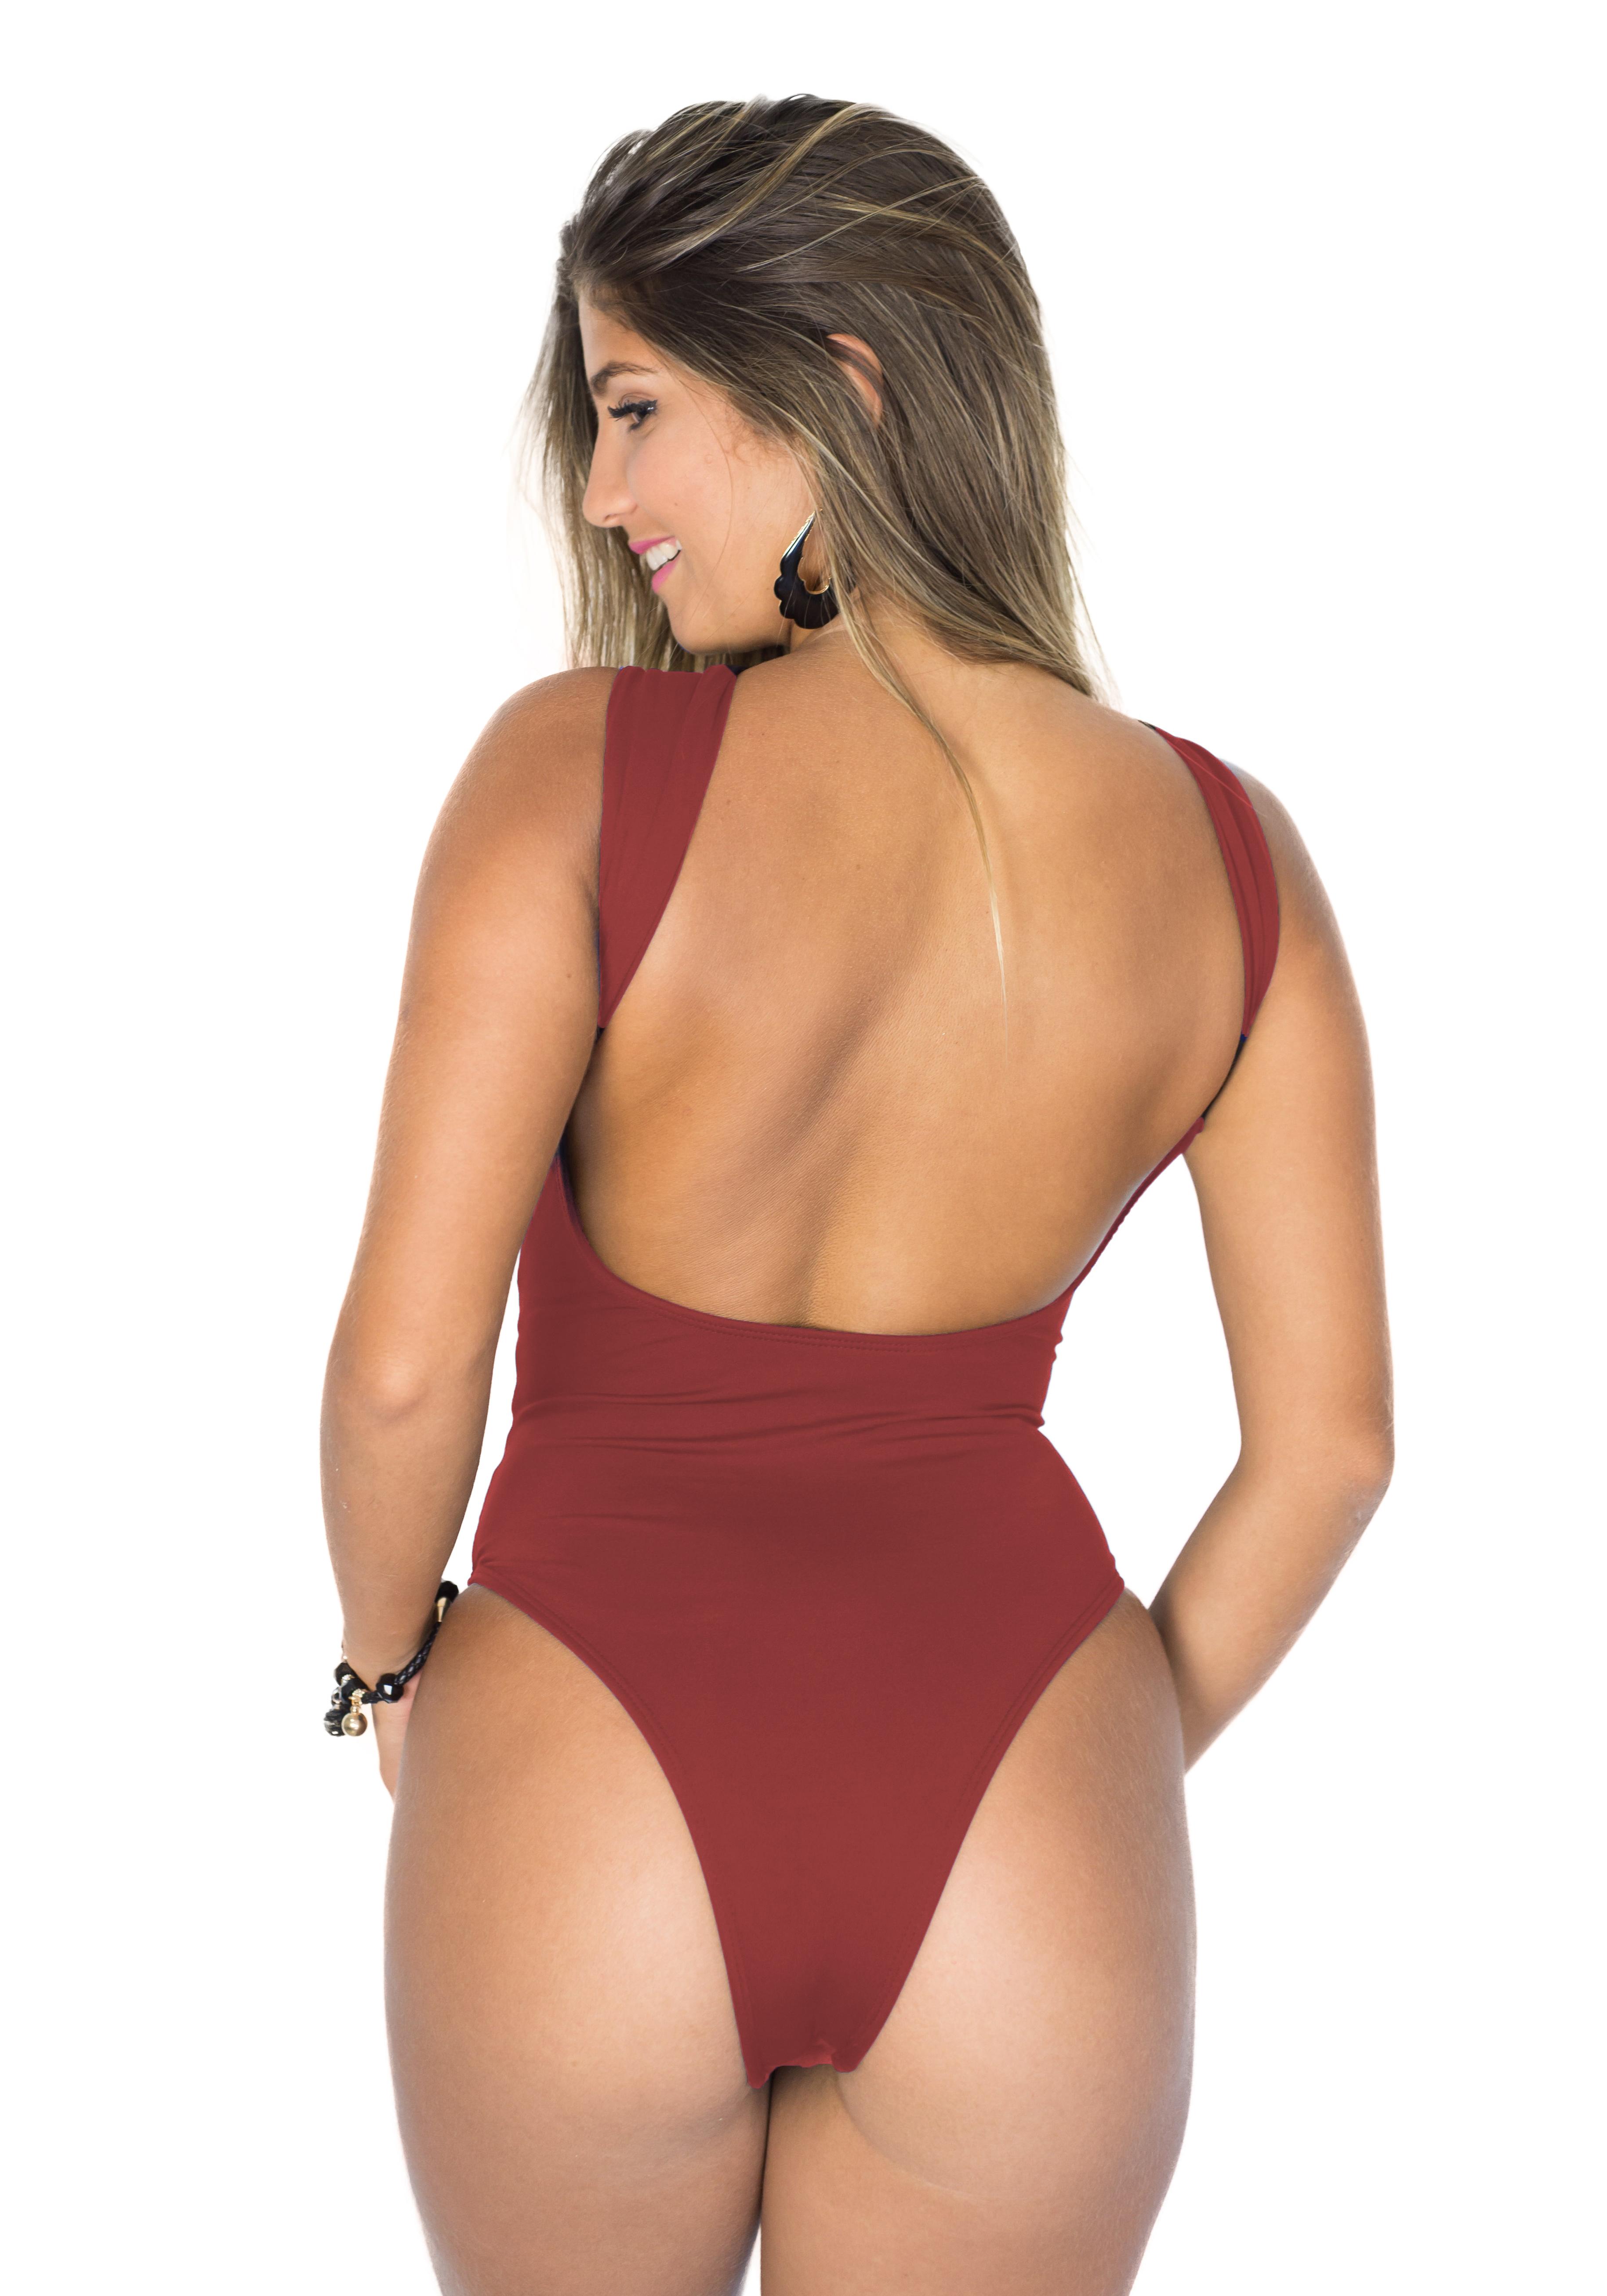 dcc5b3365ceb Blusa/ Maiô/ Body Frente Única Cava X Vinho no Elo7 | Amo Verão Beachwear  (A5CDB4)